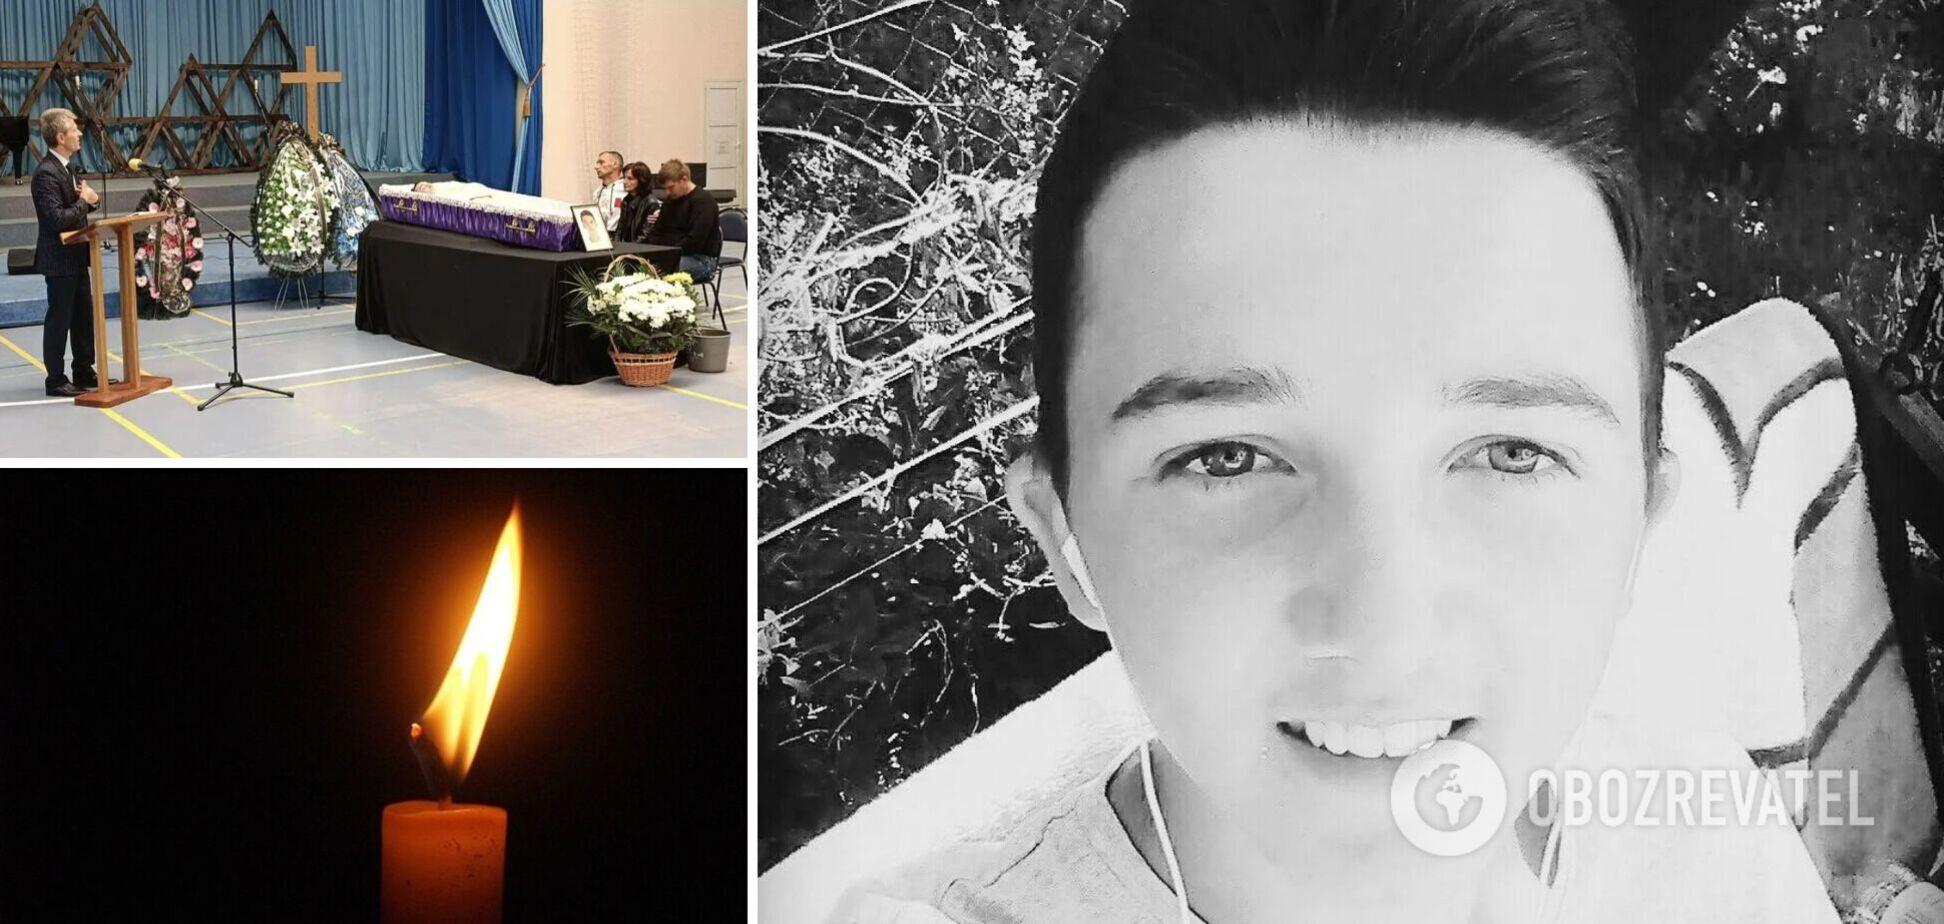 19-річний студент Володимир Сало помер через кілька годин після щеплення Pfizer